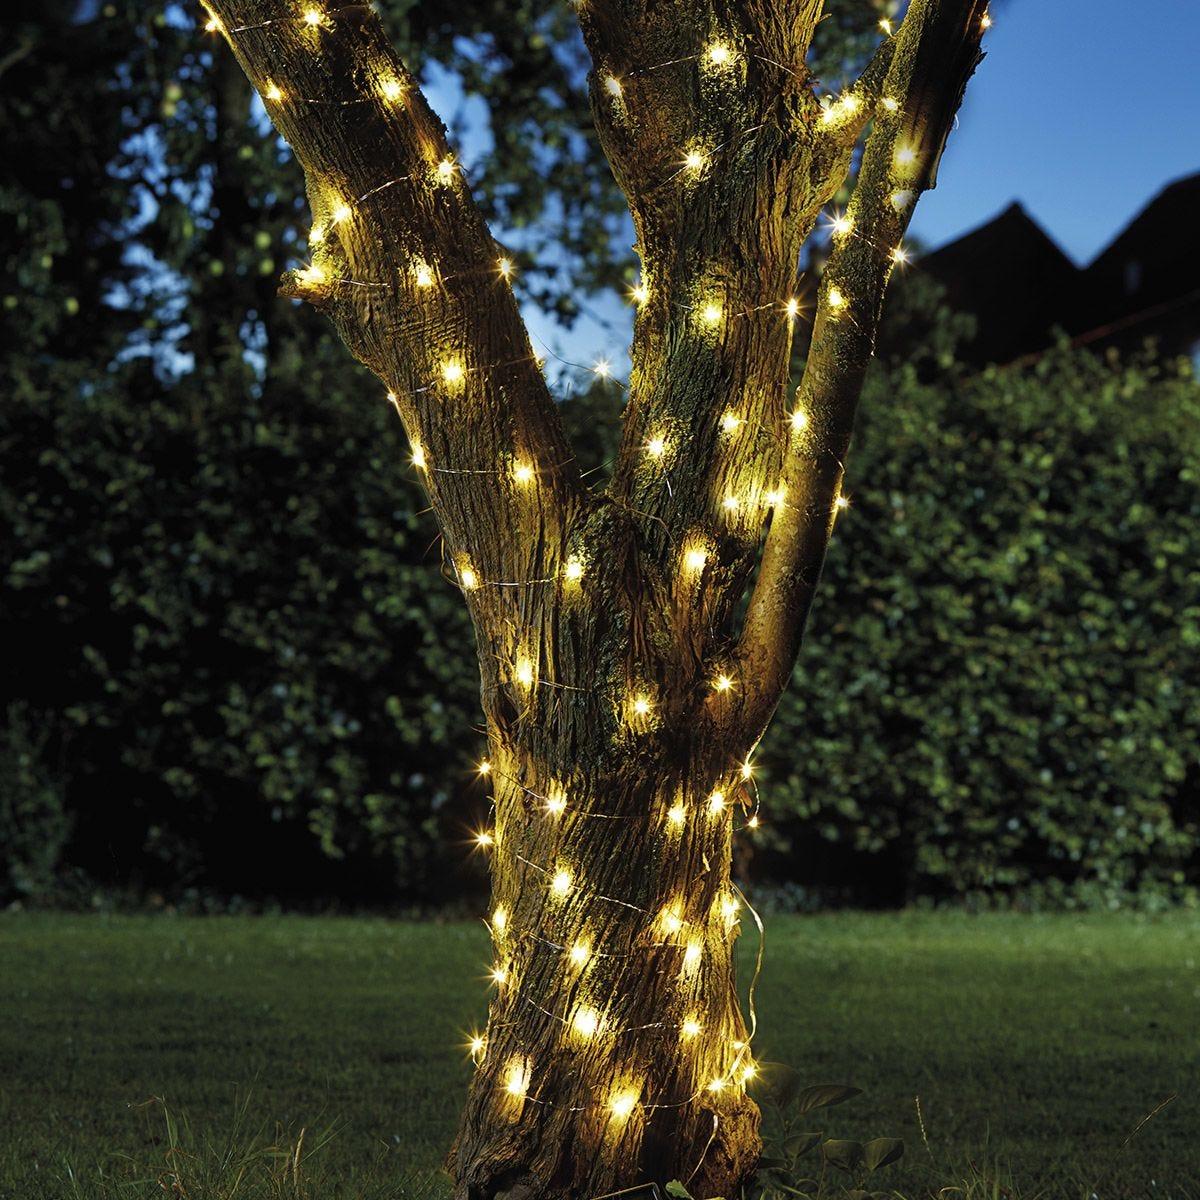 Smart Garden 100 LED Firefly String Lights